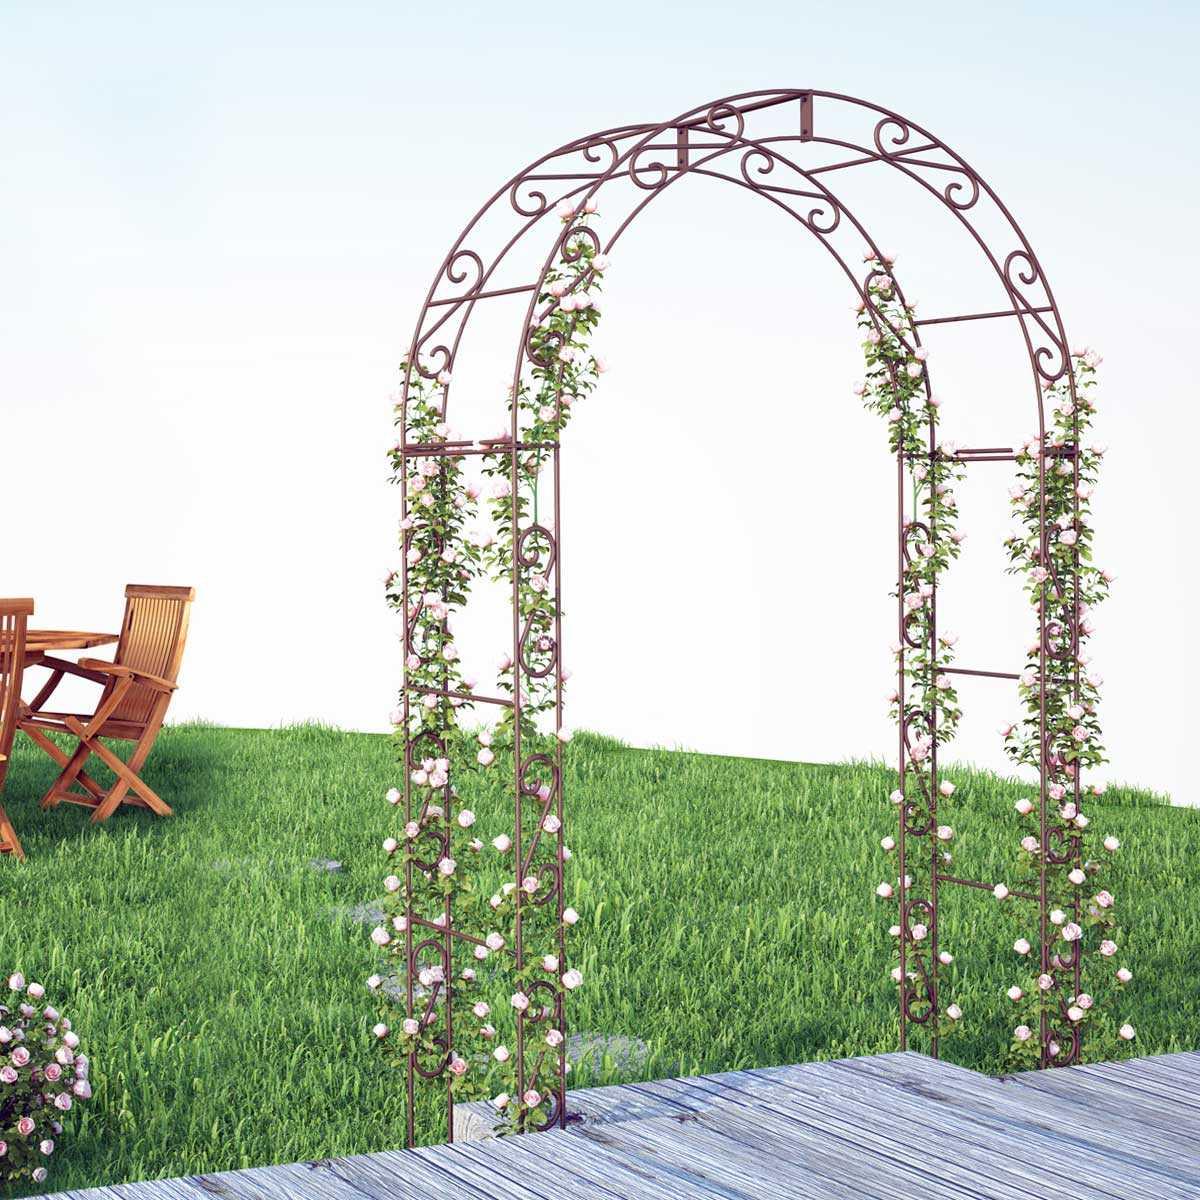 Arche De Jardin Arrondie En Acier Plein intérieur Arche De Jardin Avec Portillon